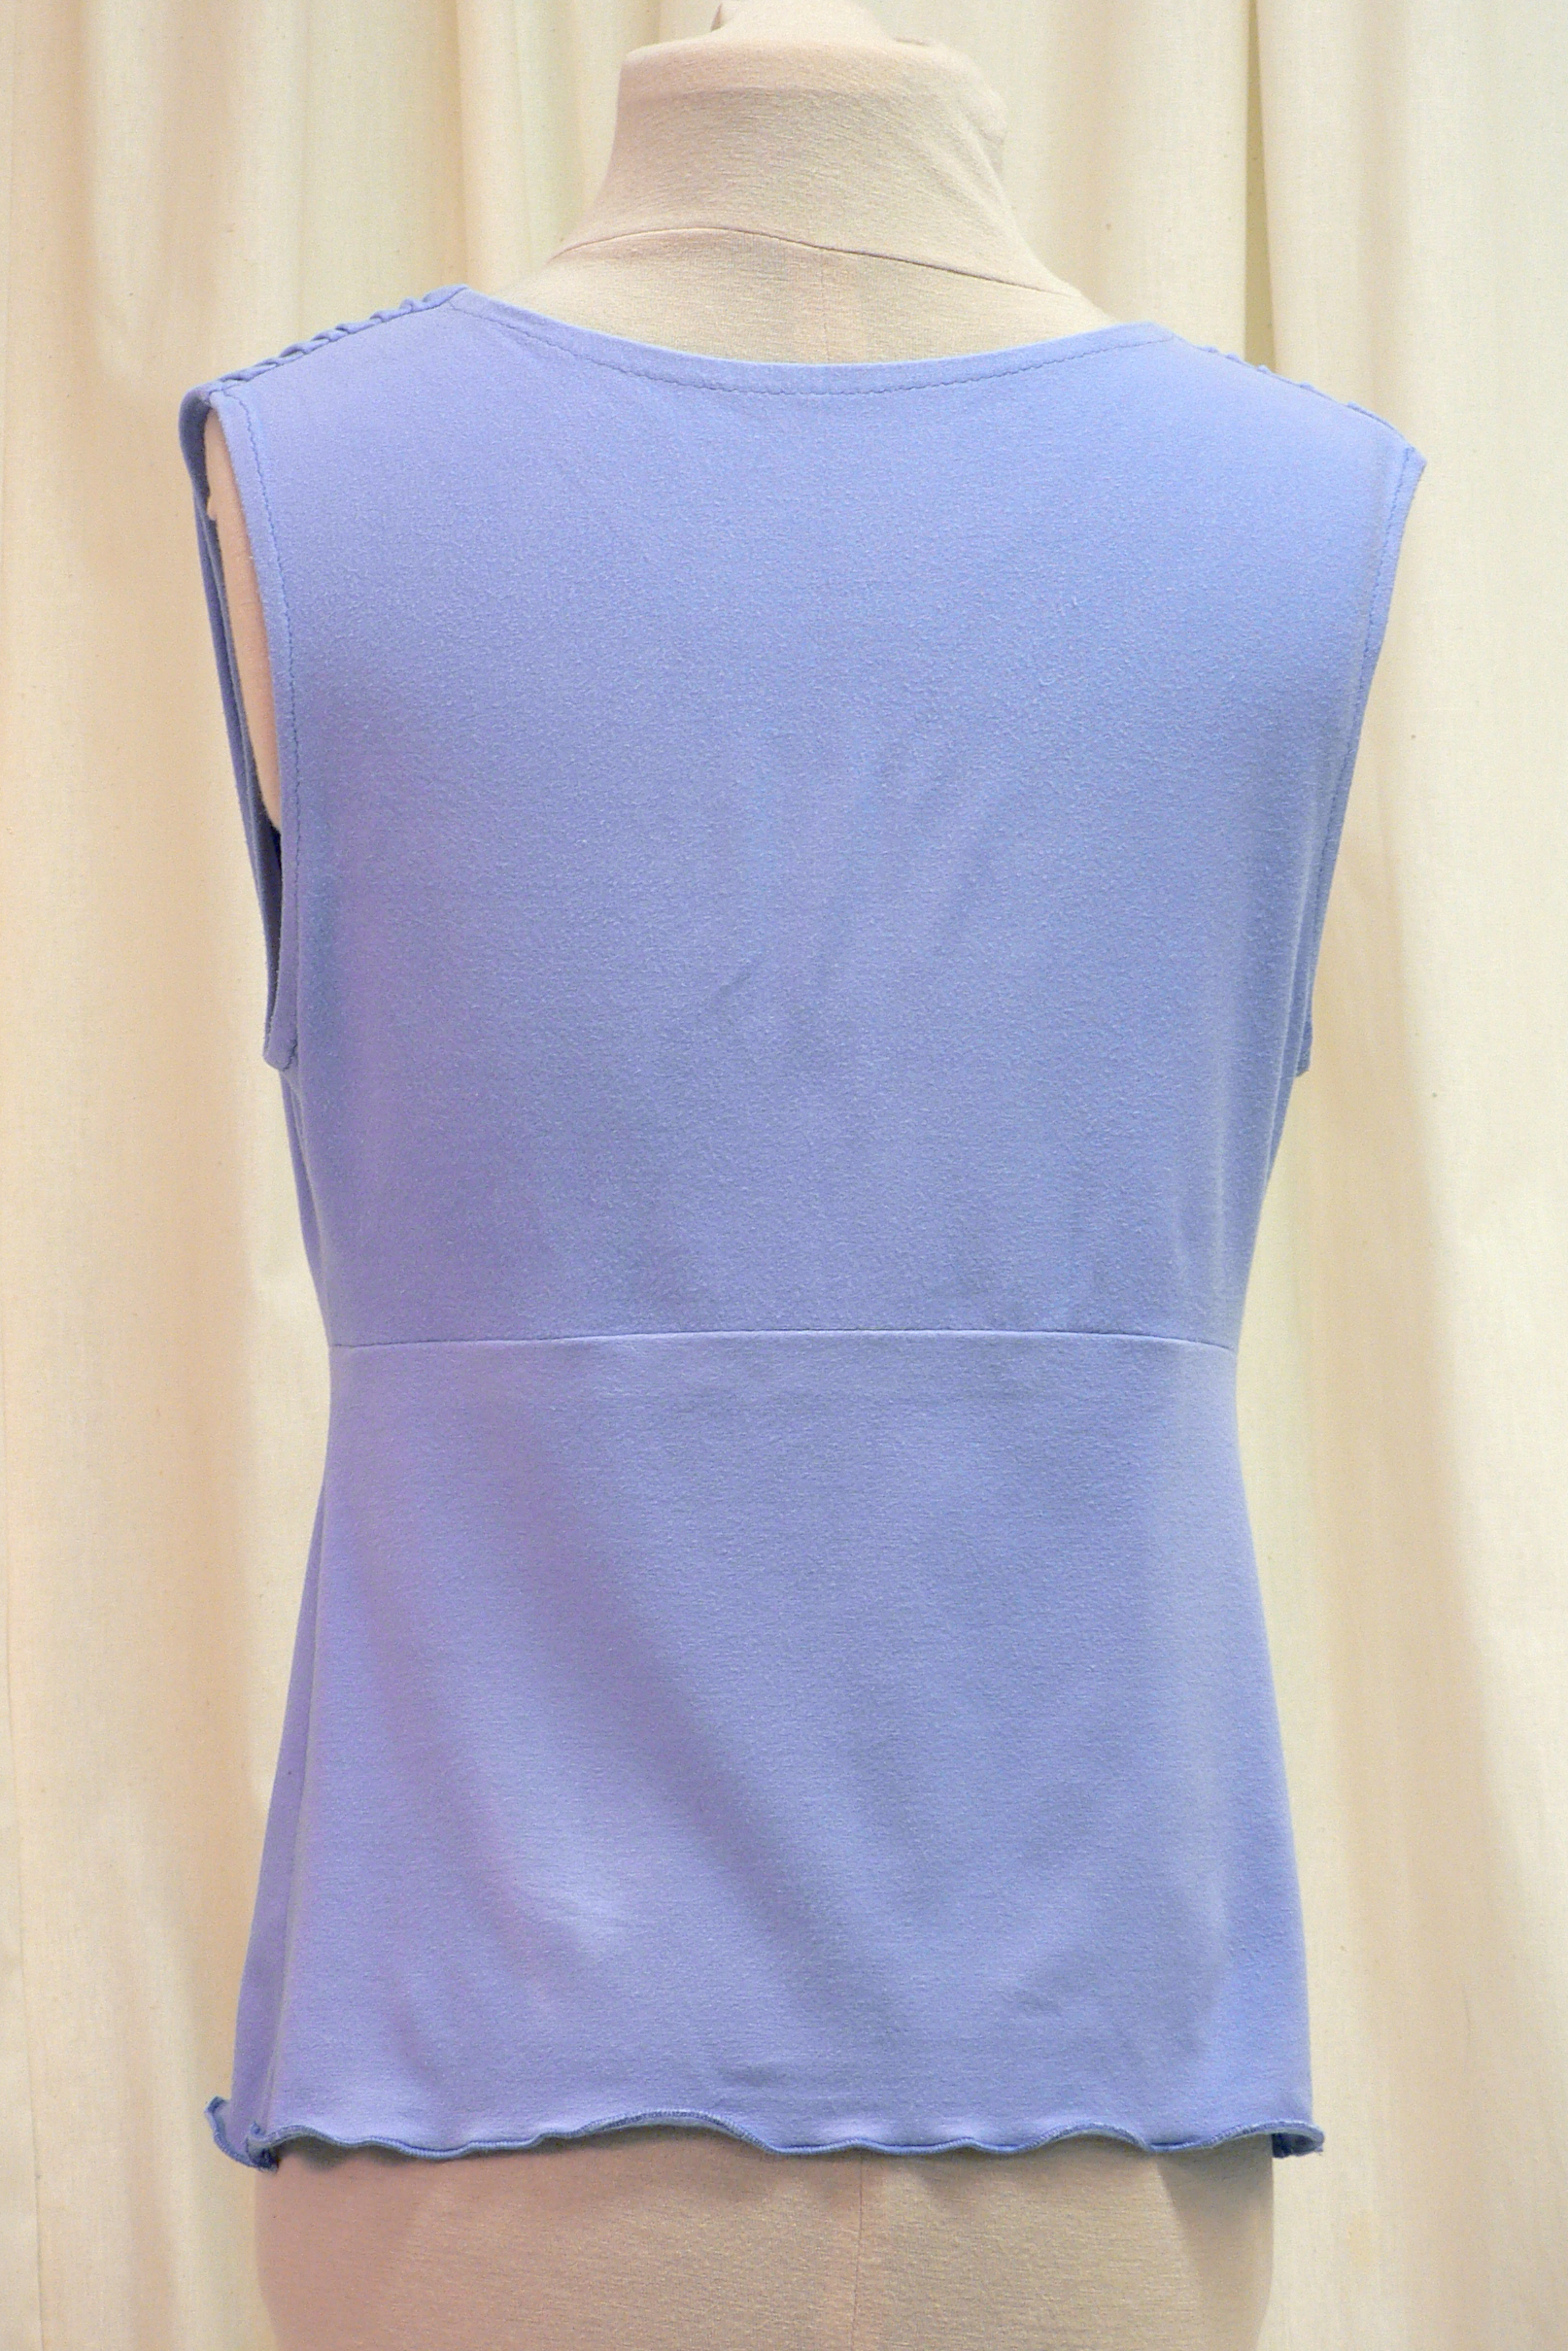 blouse09_back.jpg